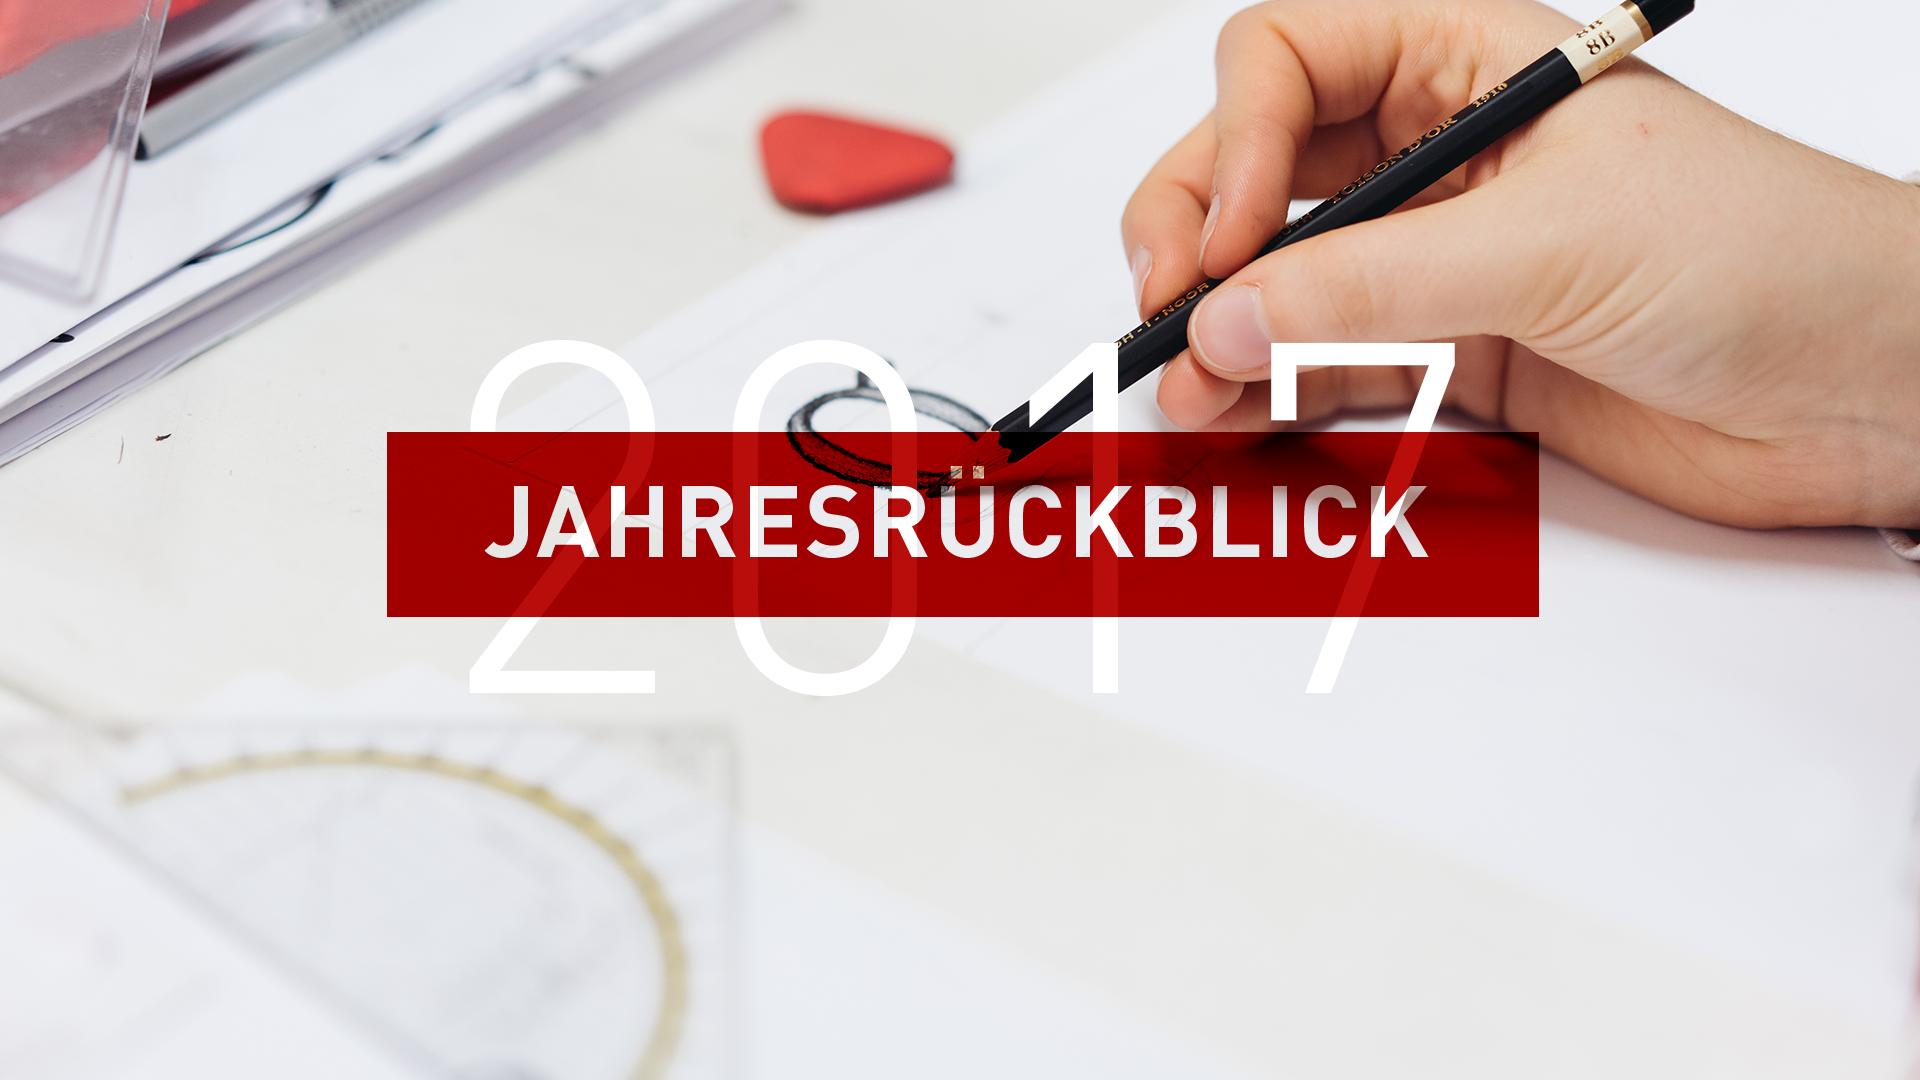 Jahresrückblick 2017 - Eine neue Richtung